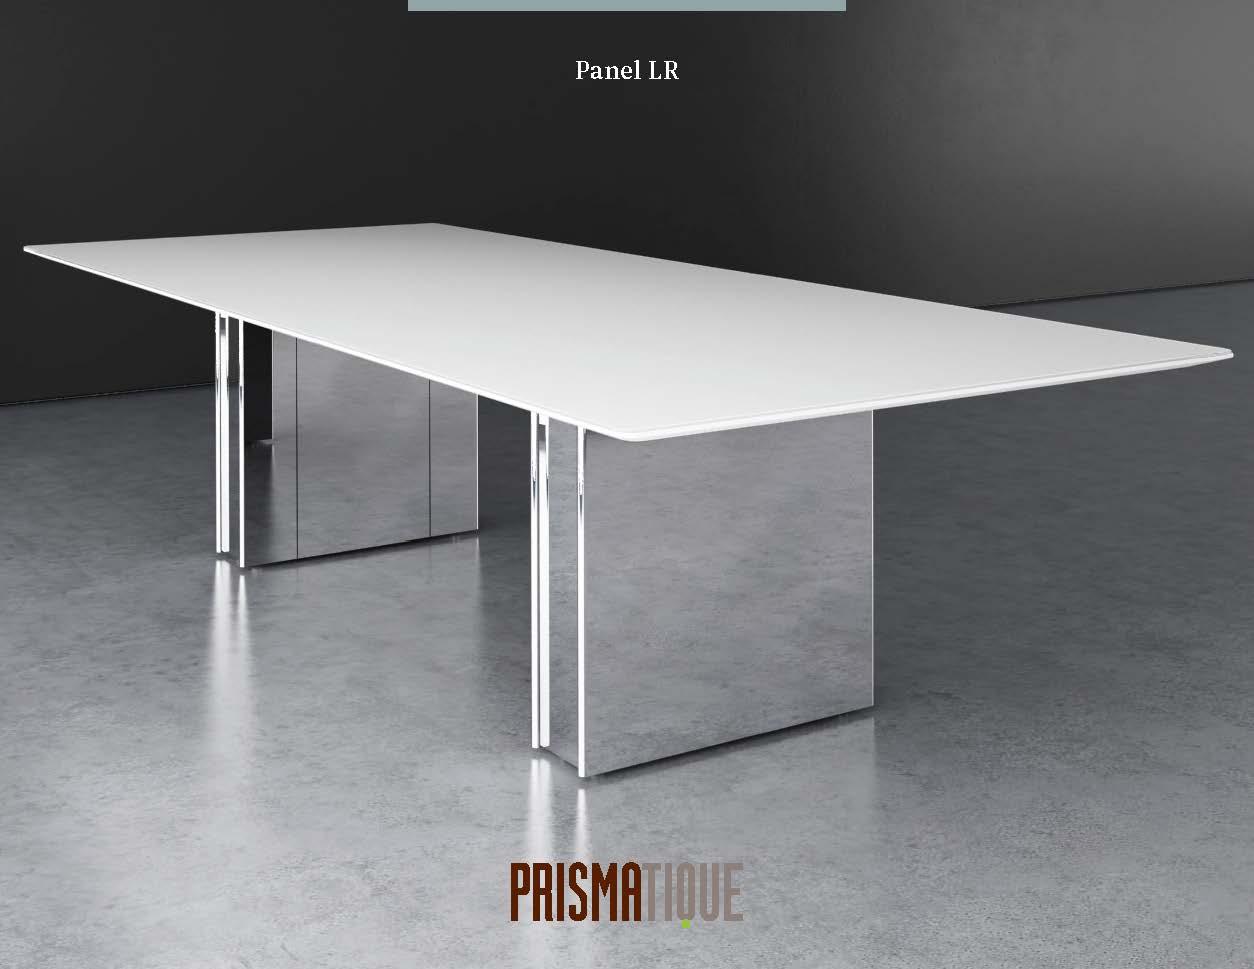 Prismatique Catalog_Panel LR Brochure Cover